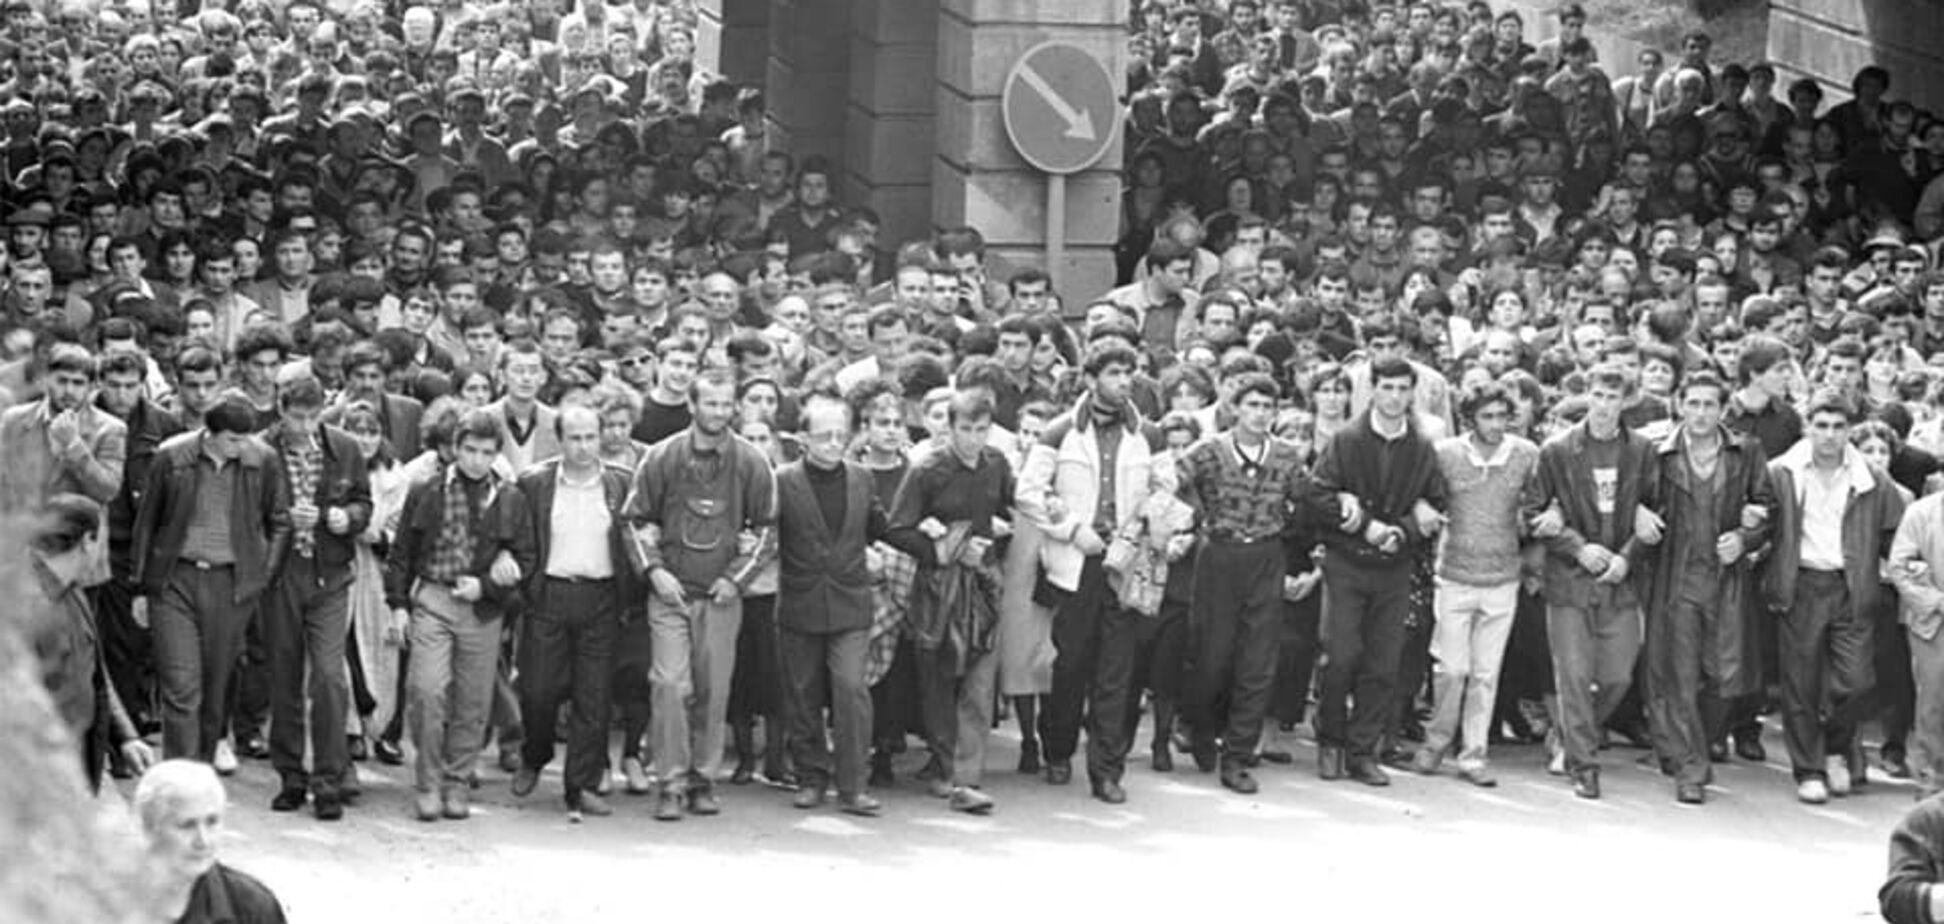 Трагедия в Тбилиси: роковые события для СССР